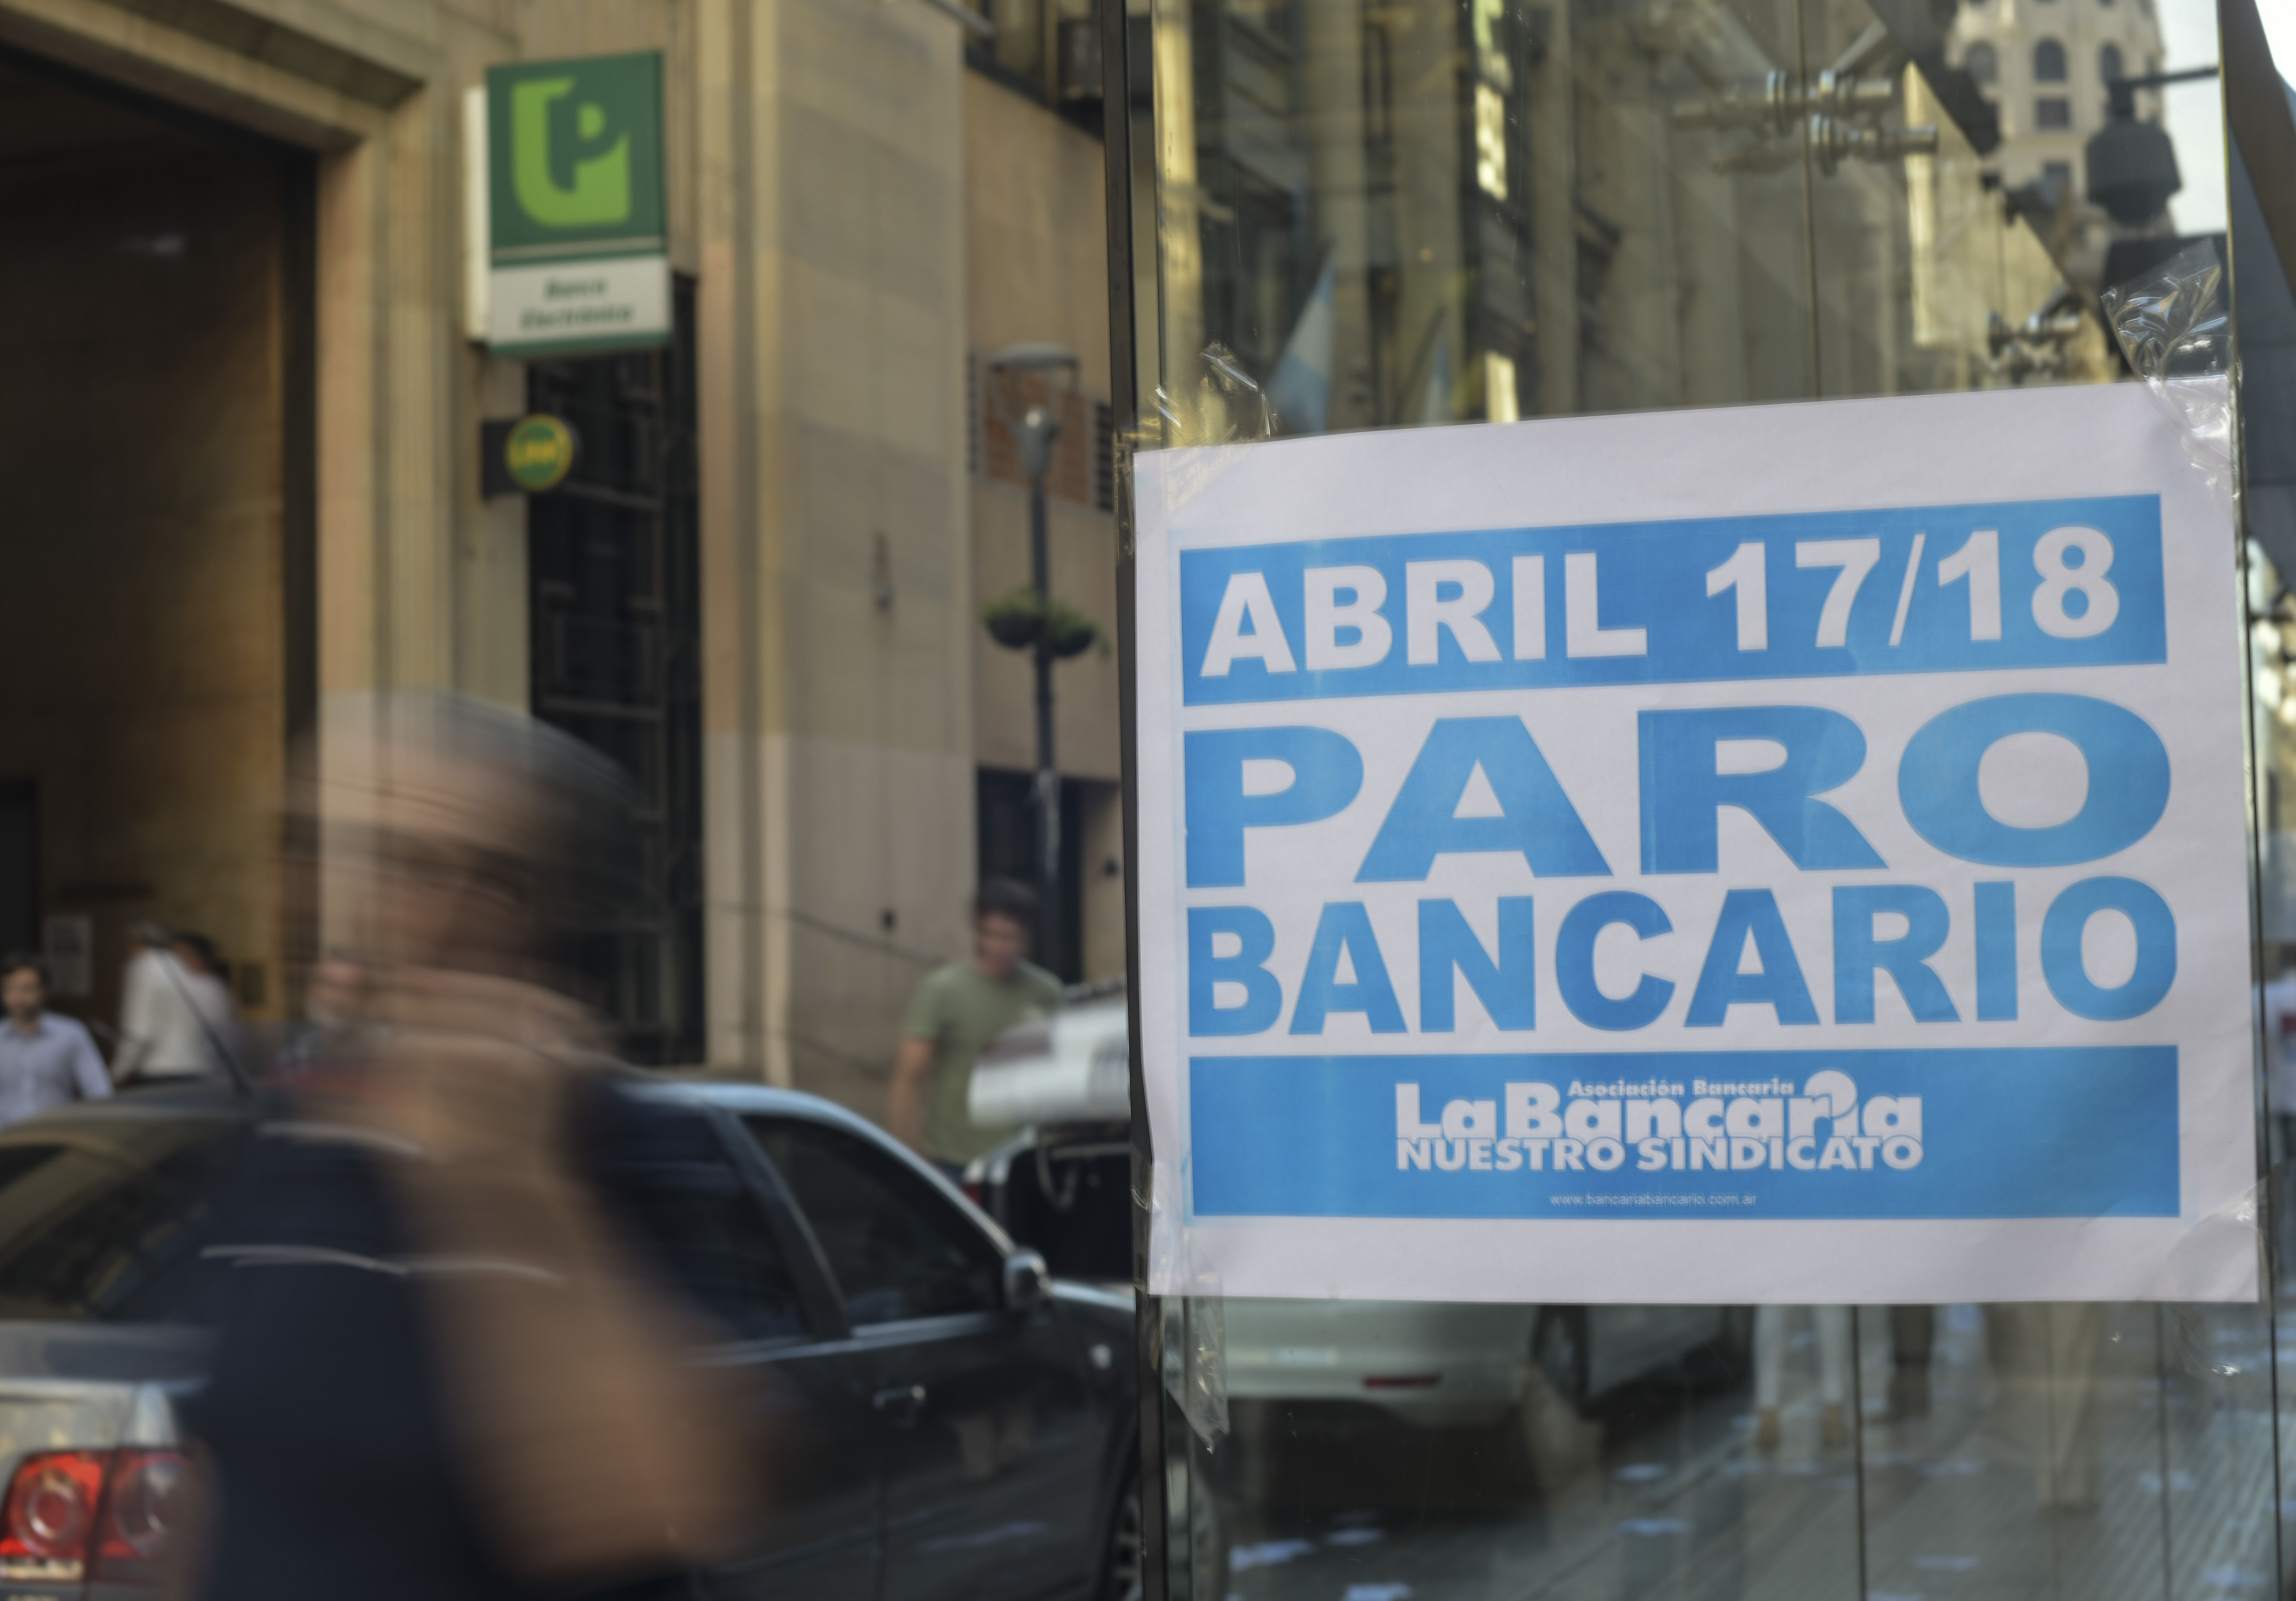 El microcentro estaba casi paralizado por el paro bancario